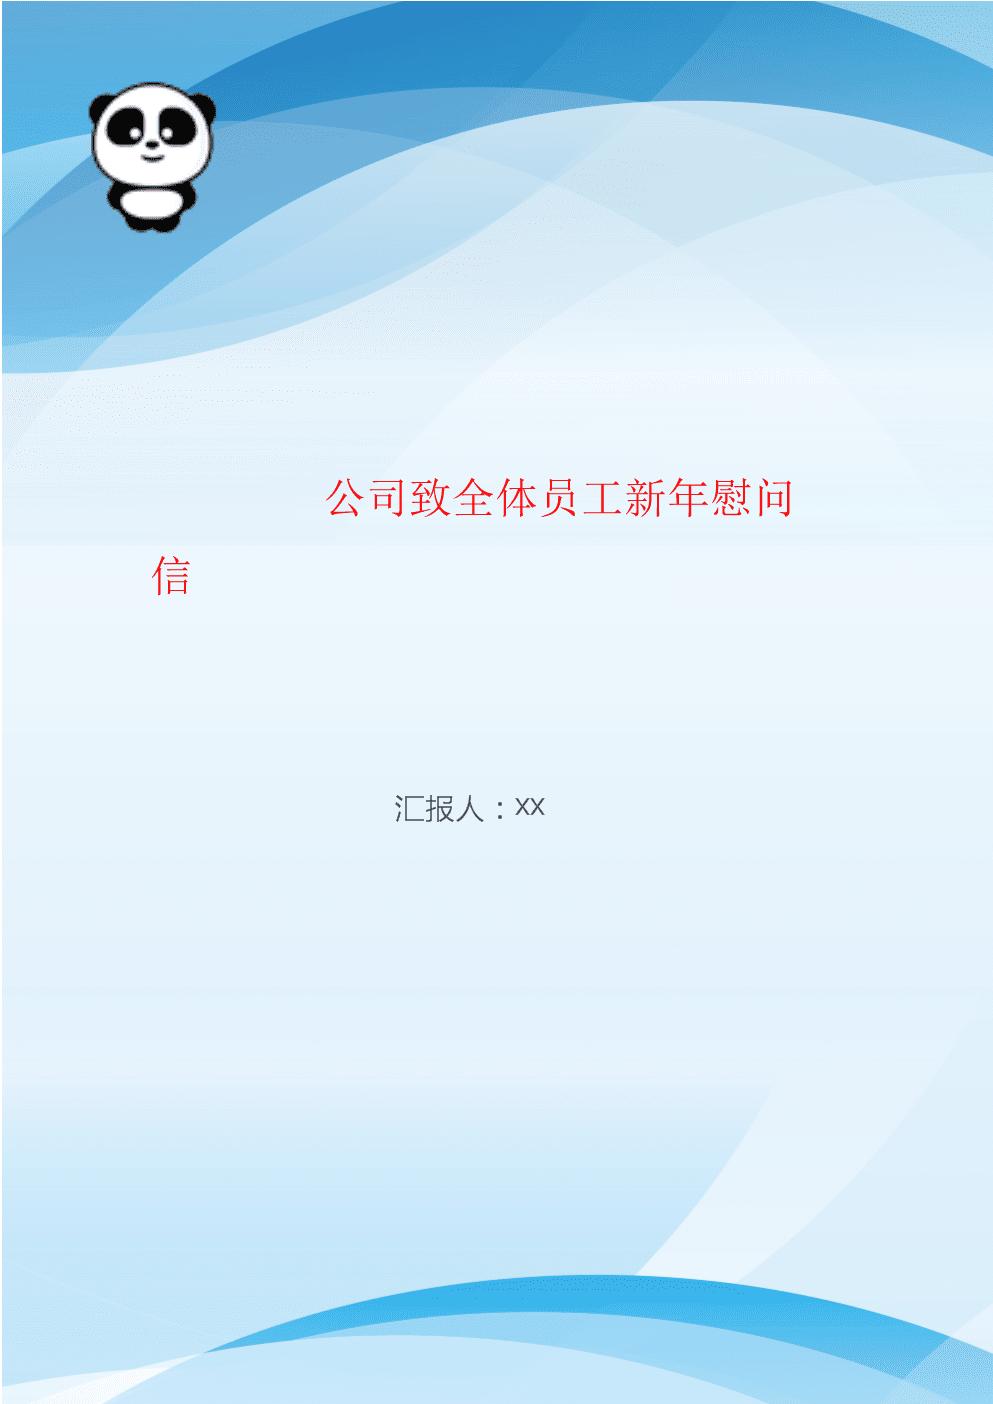 公司致全体员工新年慰问信。.doc